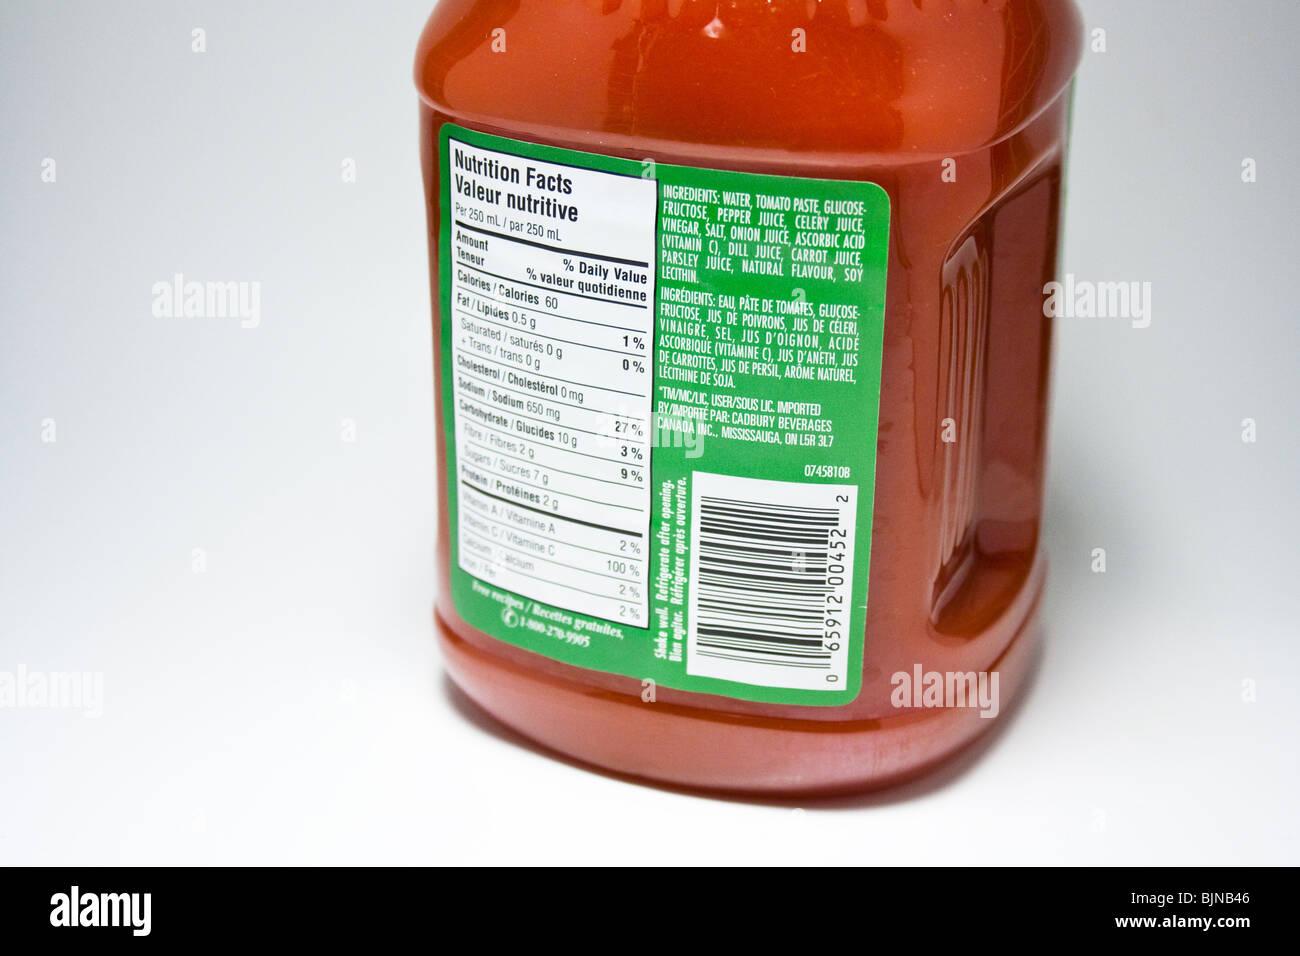 vegetable cocktail juice healthy nutrition tasteful tasty food label content concentration serving veggie - Stock Image